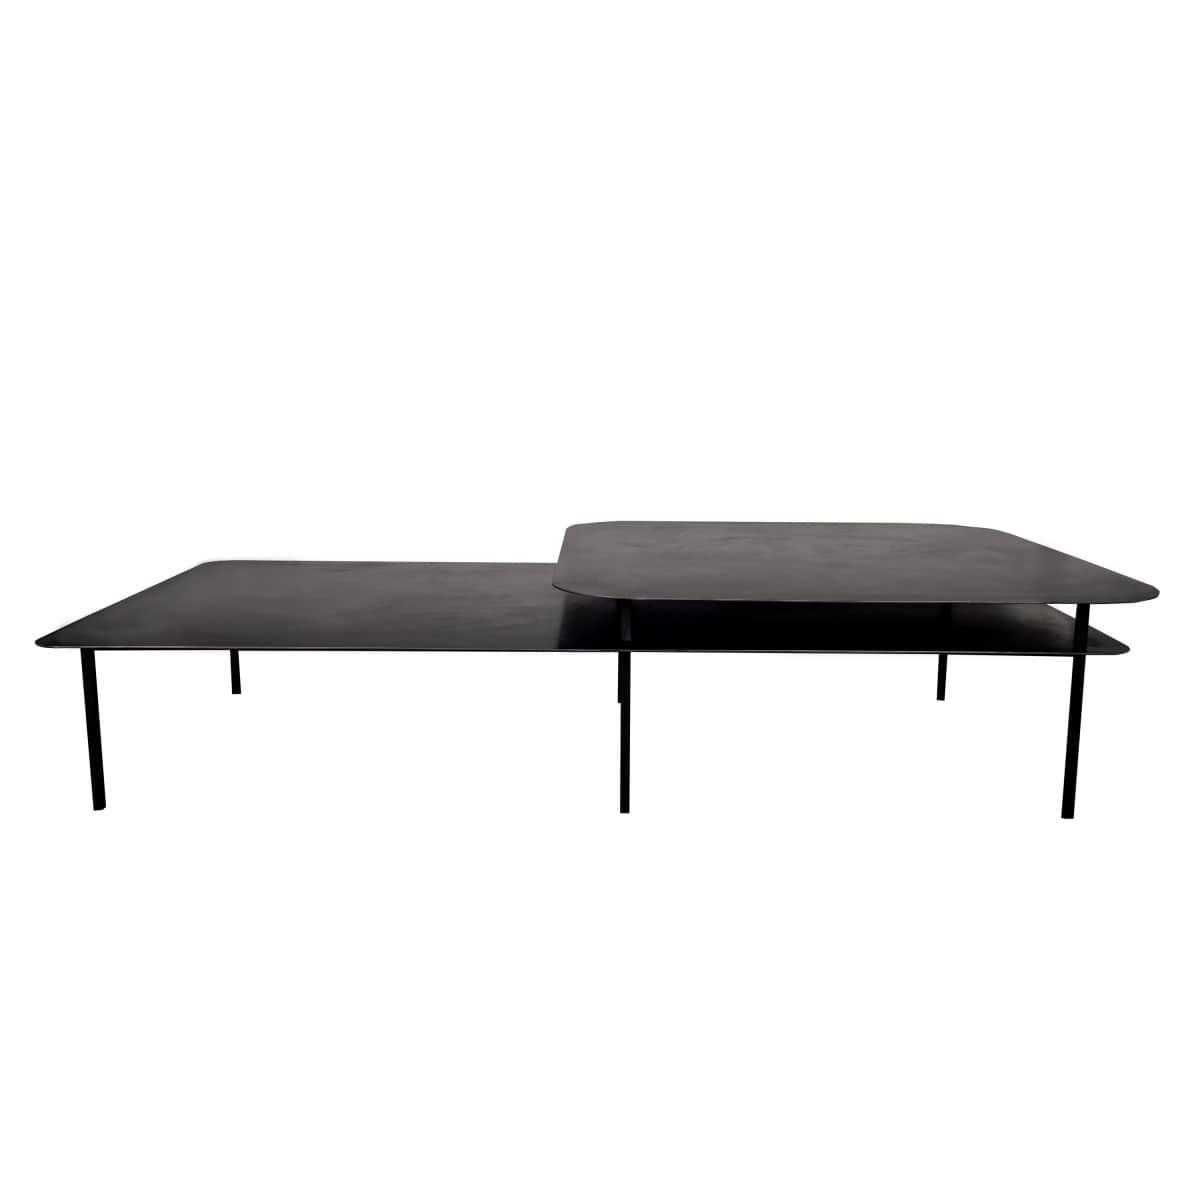 Table basse tokyo plateau d cal en acier de sarah lavoine for Table en acier